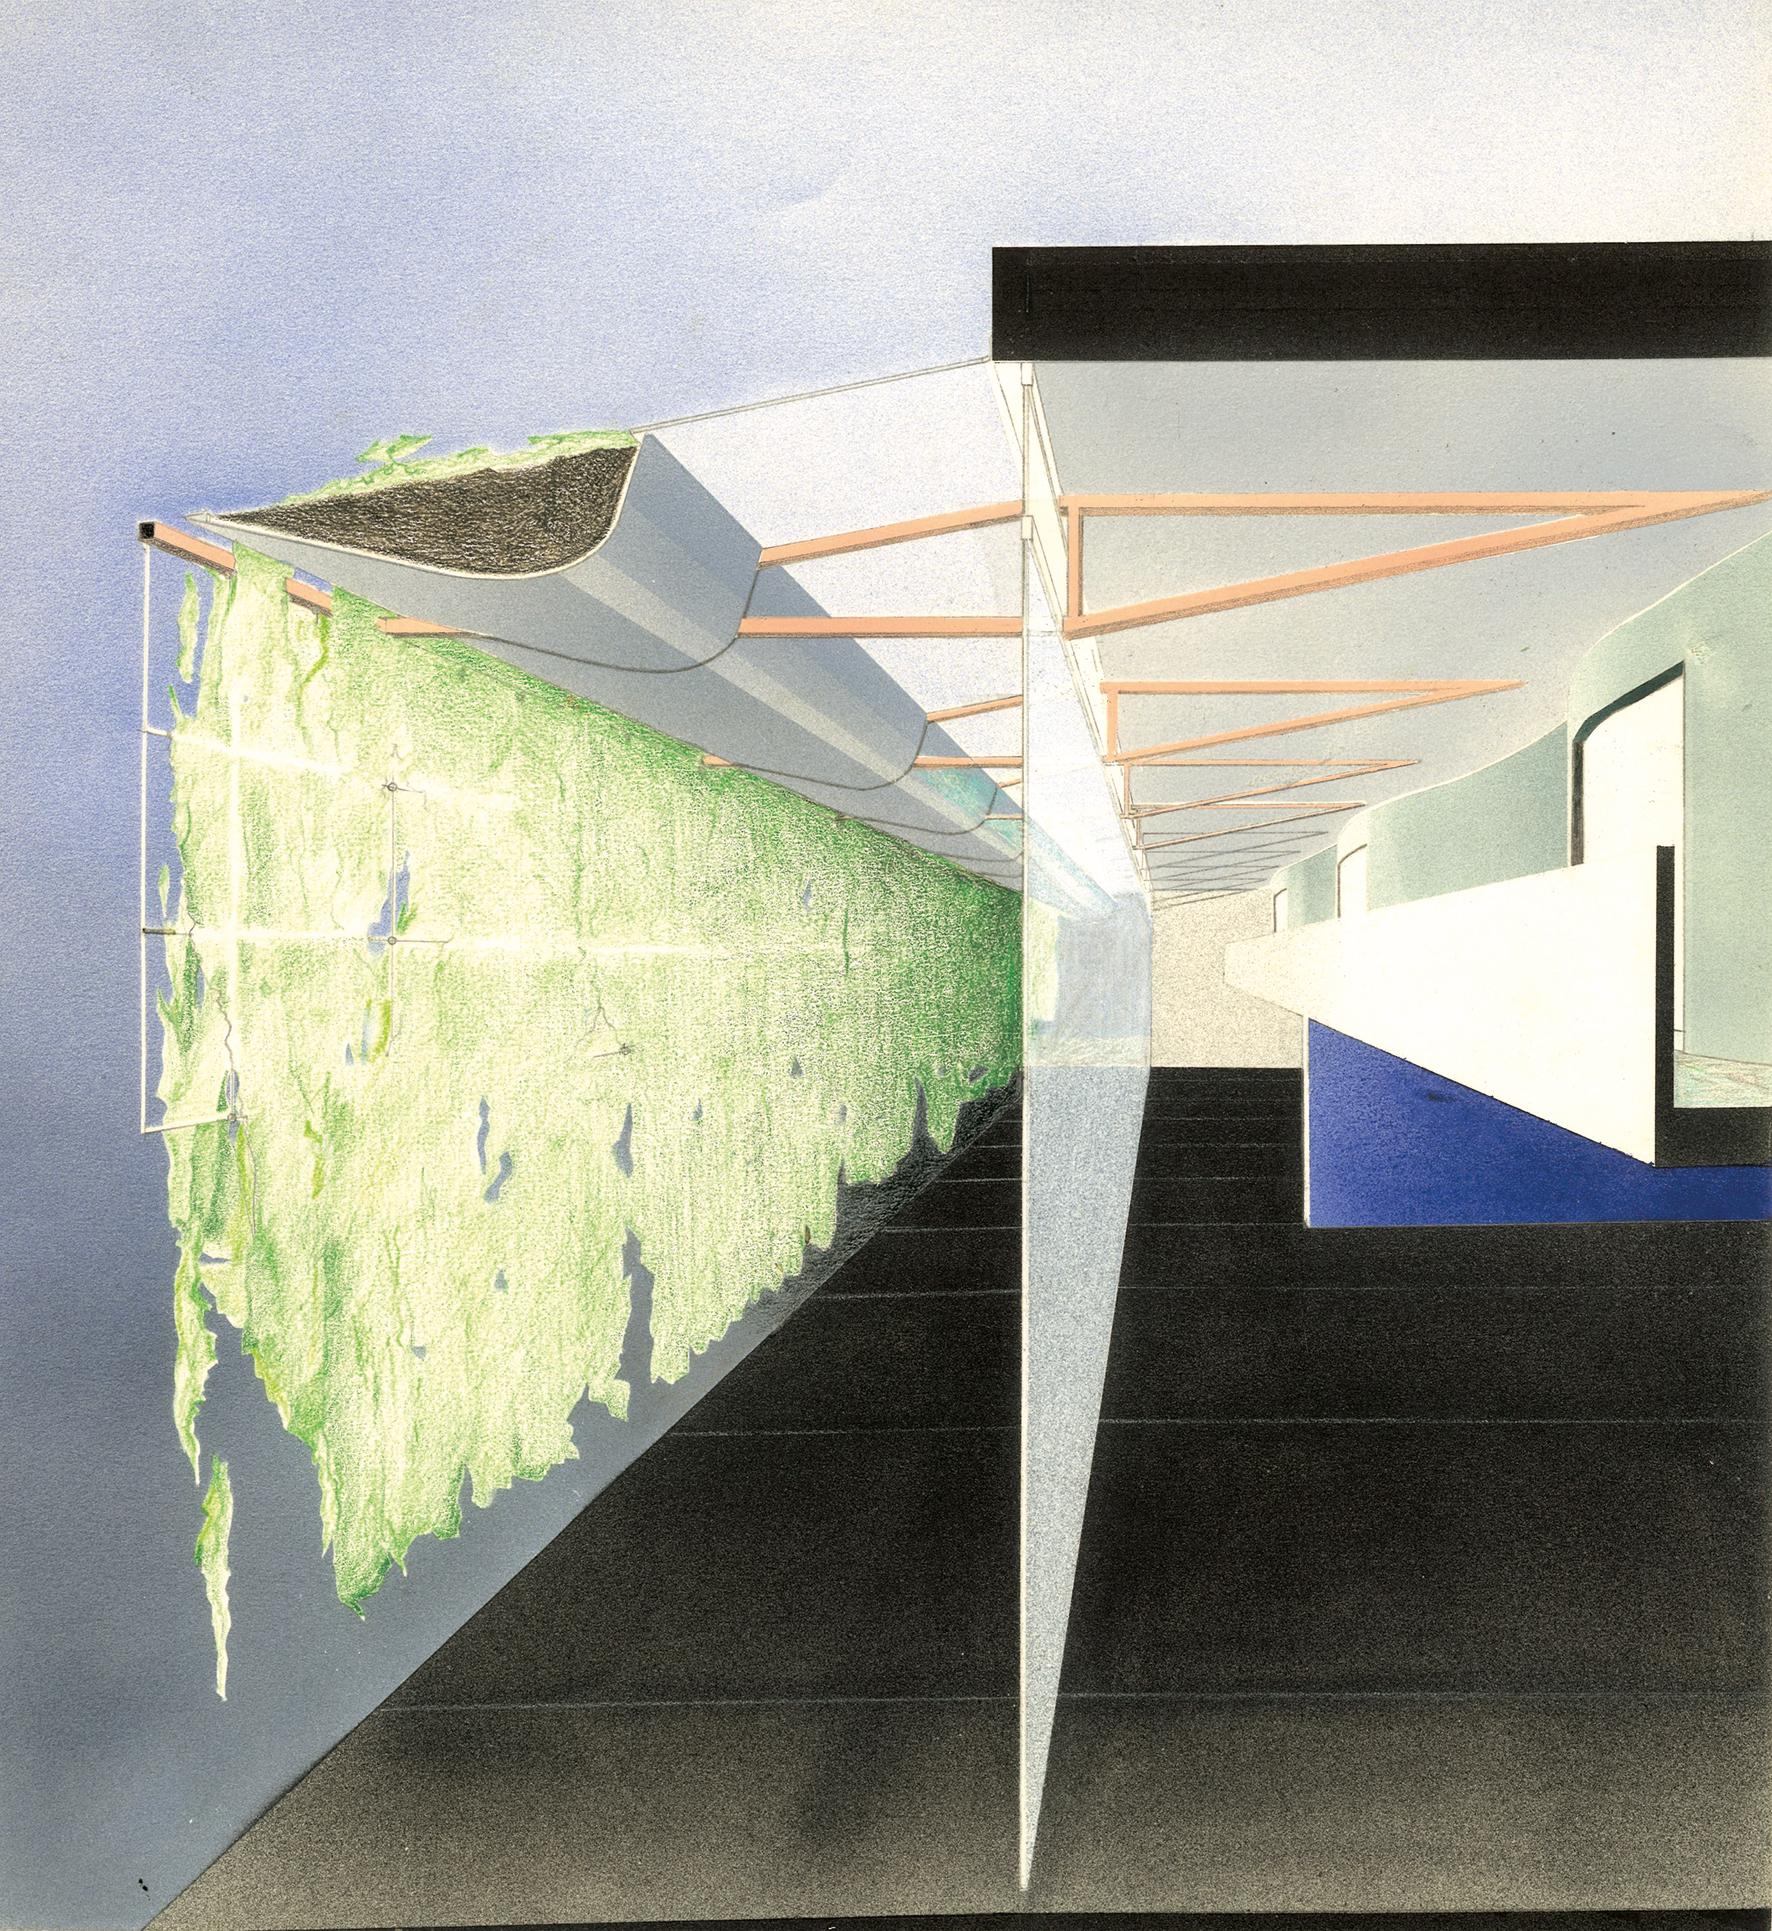 Station thermale, La Léchère (Savoie) No.127 , 1986 Airbrush painting, pencil on paper 30.3 x 27.2 cm